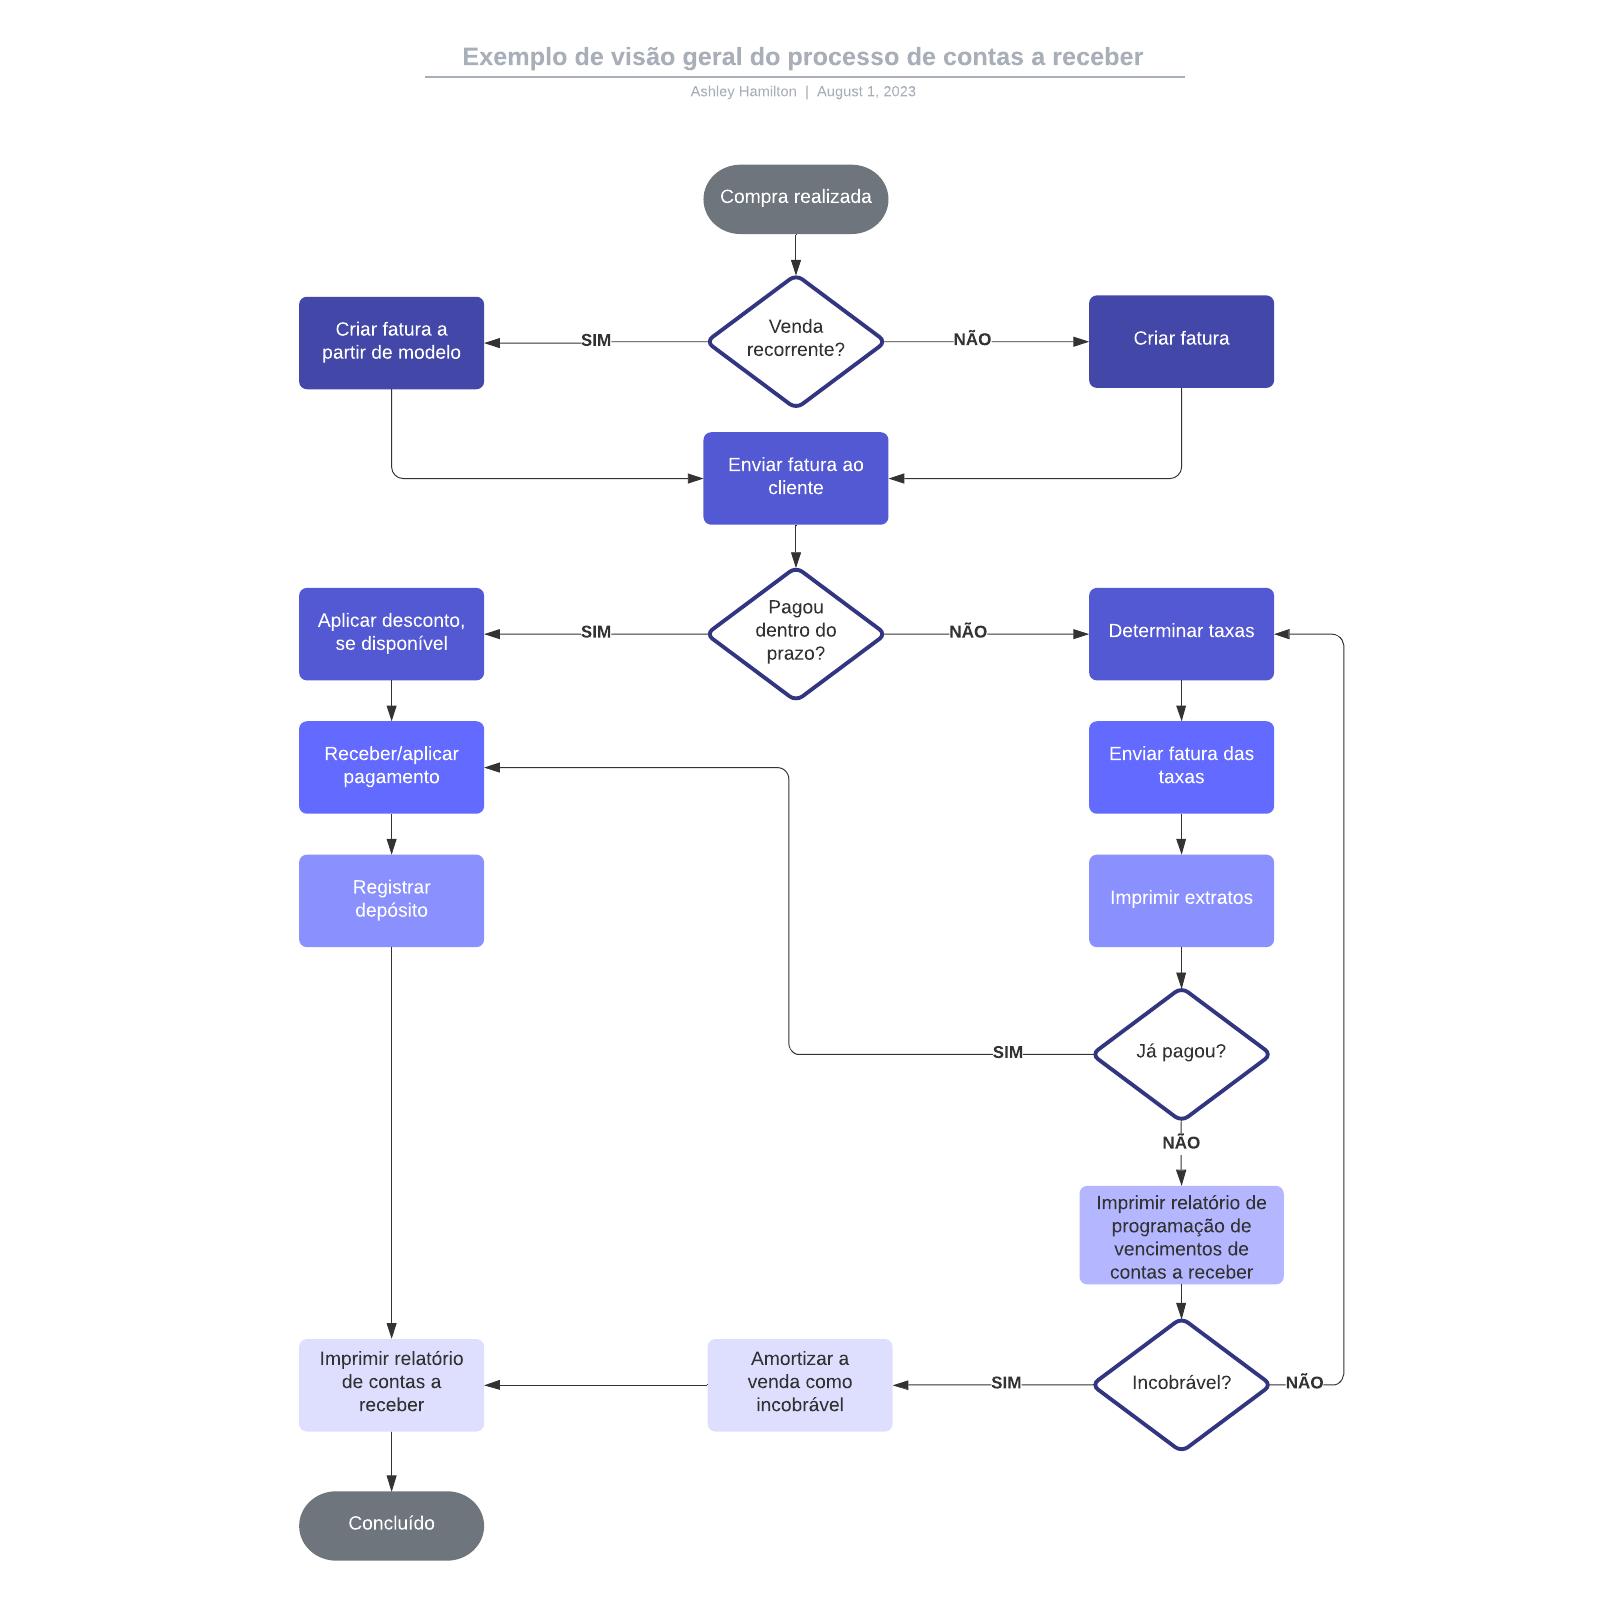 Exemplo de visão geral do processo de contas a receber